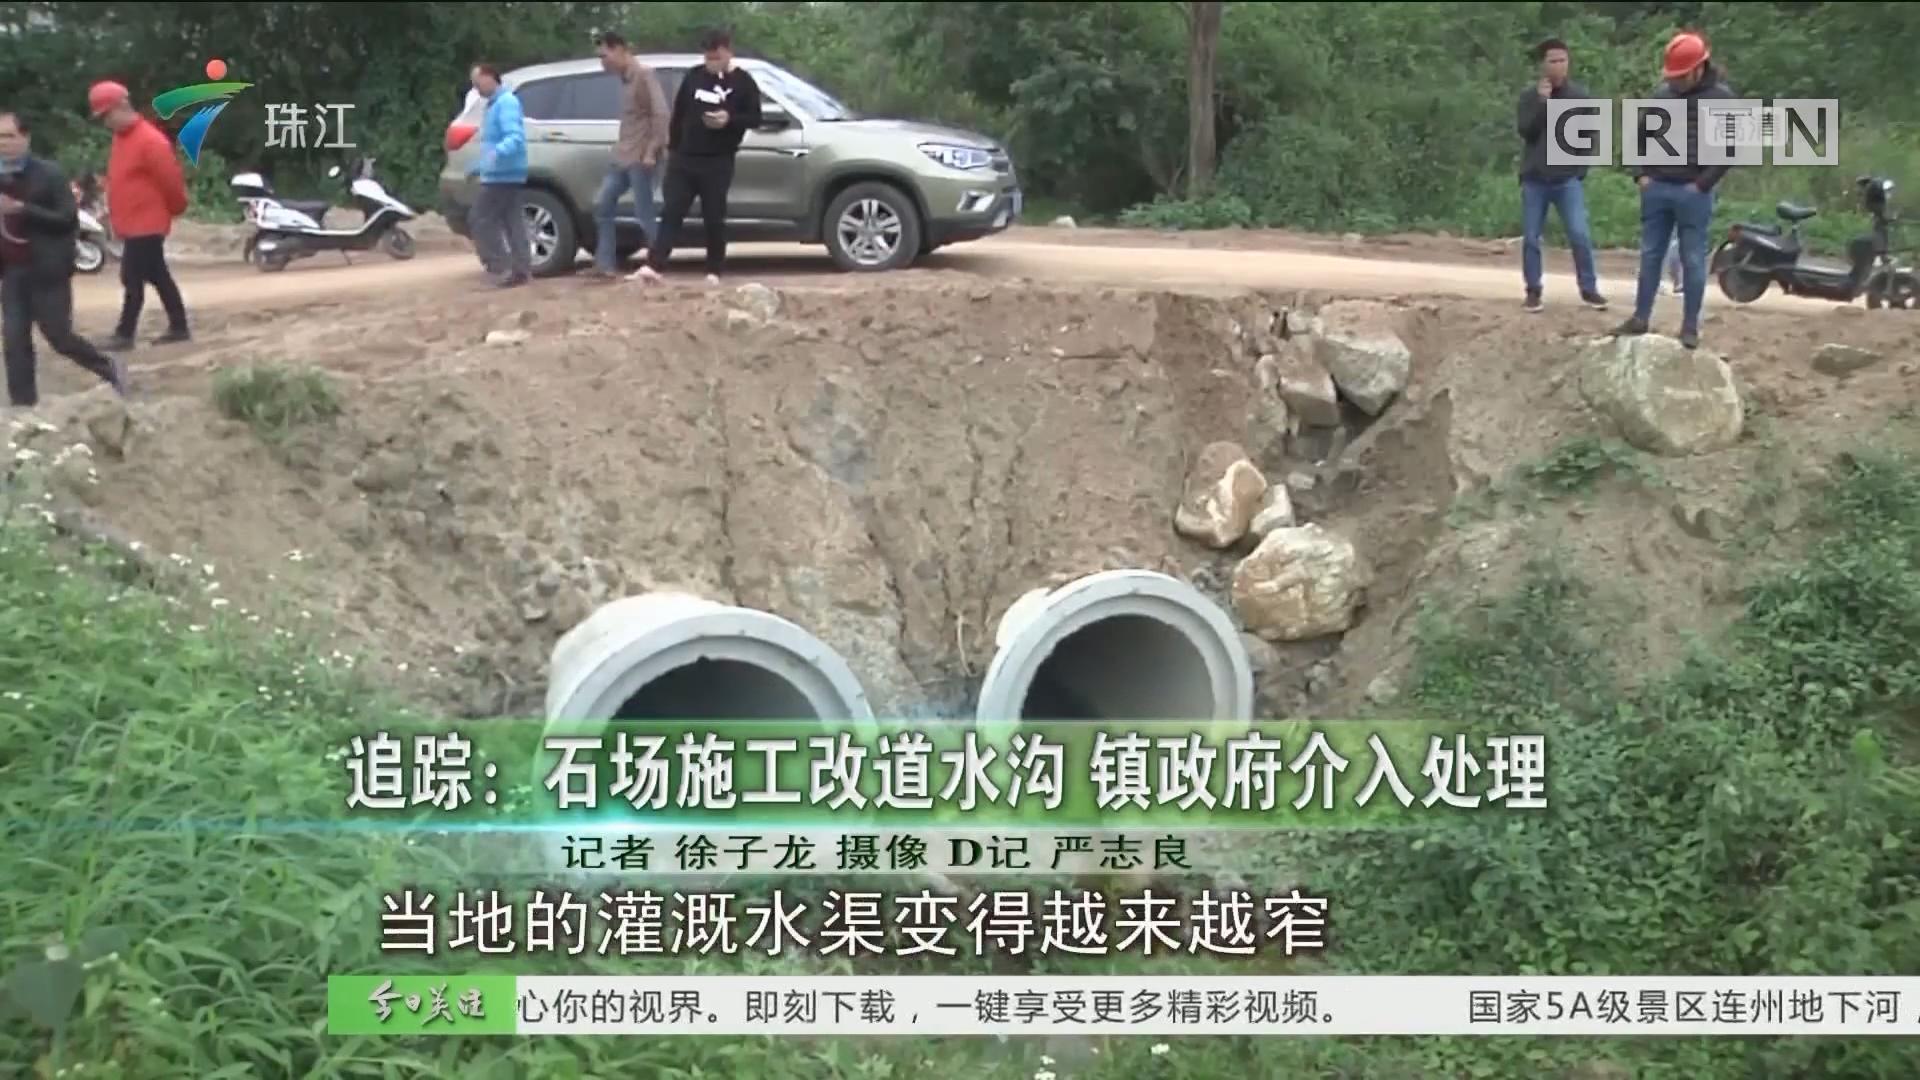 追踪:石场施工改道水沟 镇政府介入处理